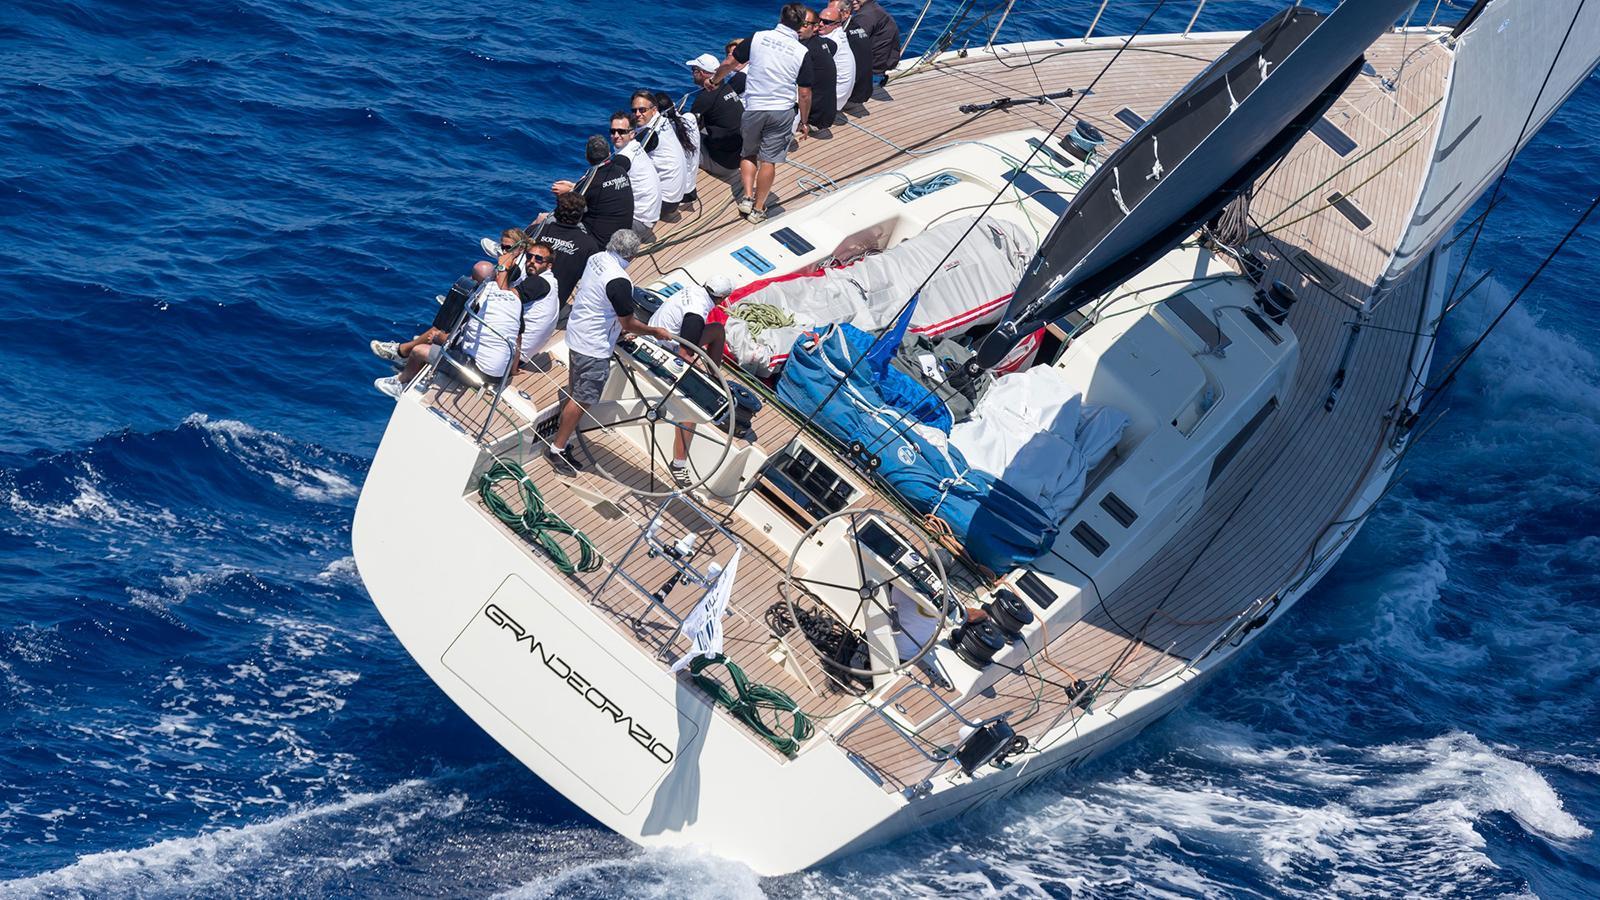 grande orazio sailing yacht sws 2014 25m running half stern